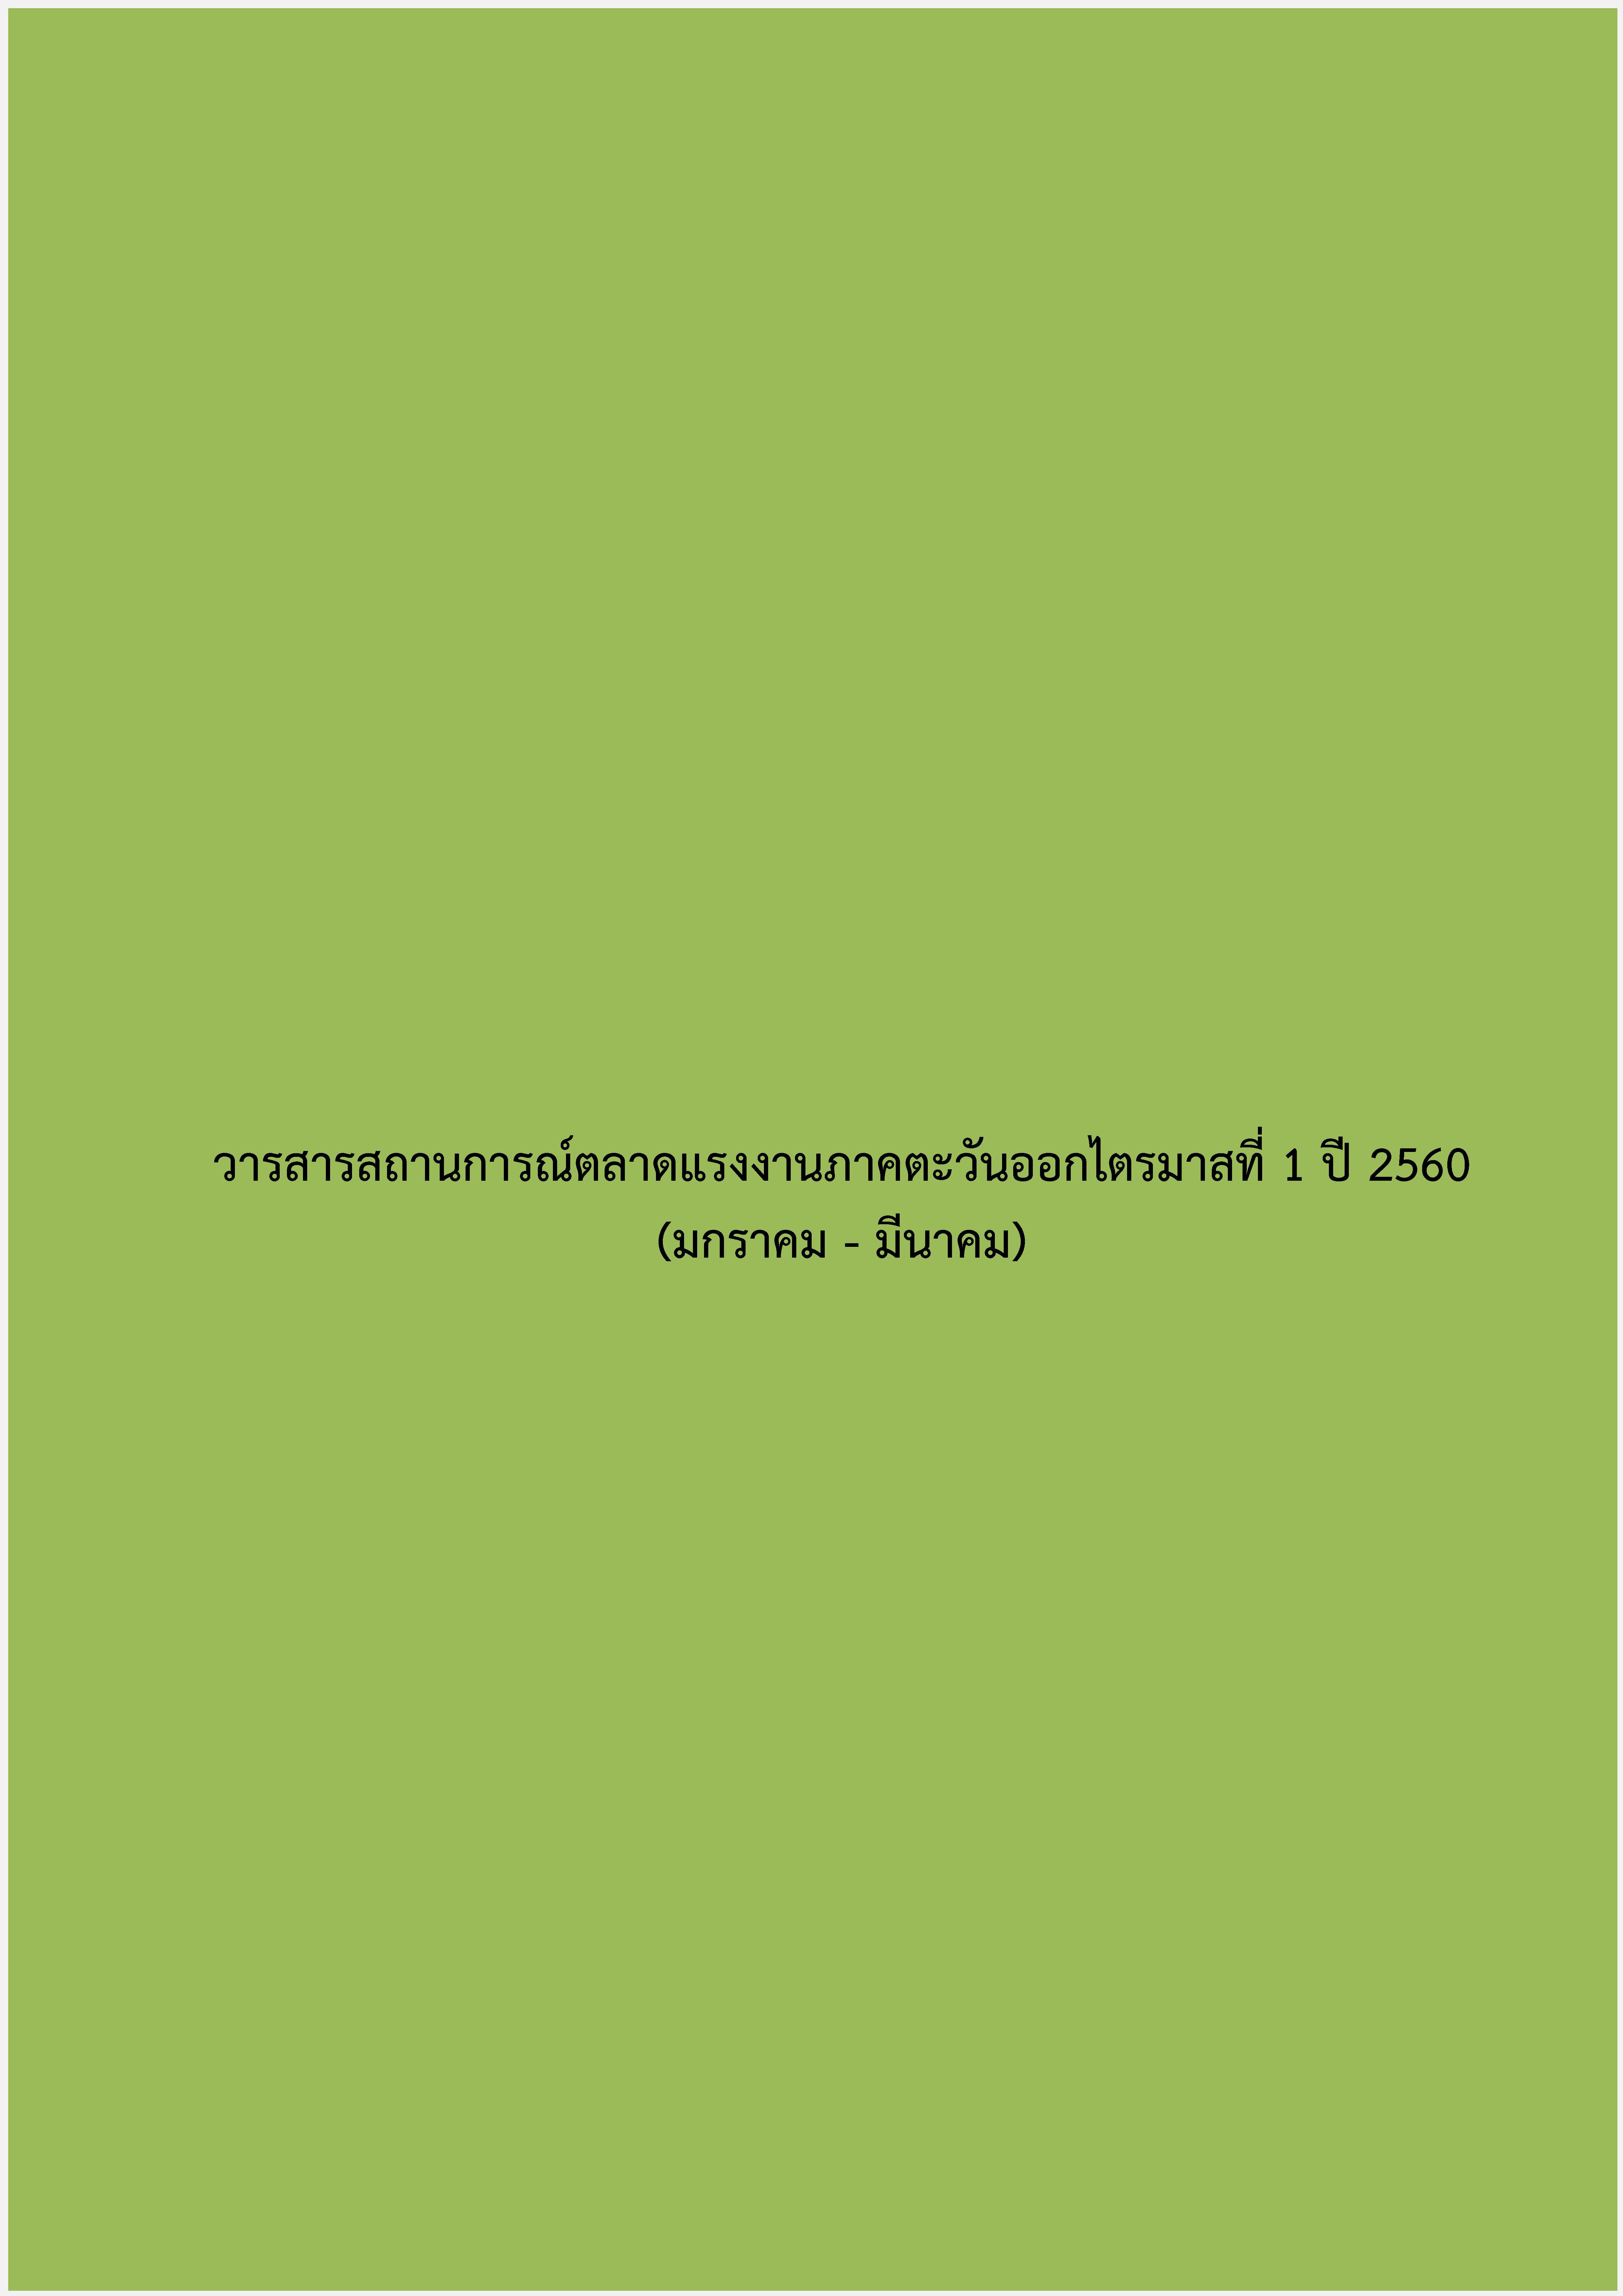 วารสารสถานการณ์ตลาดแรงงานภาคตะวันออกไตรมาสที่ 1 ปี 2560